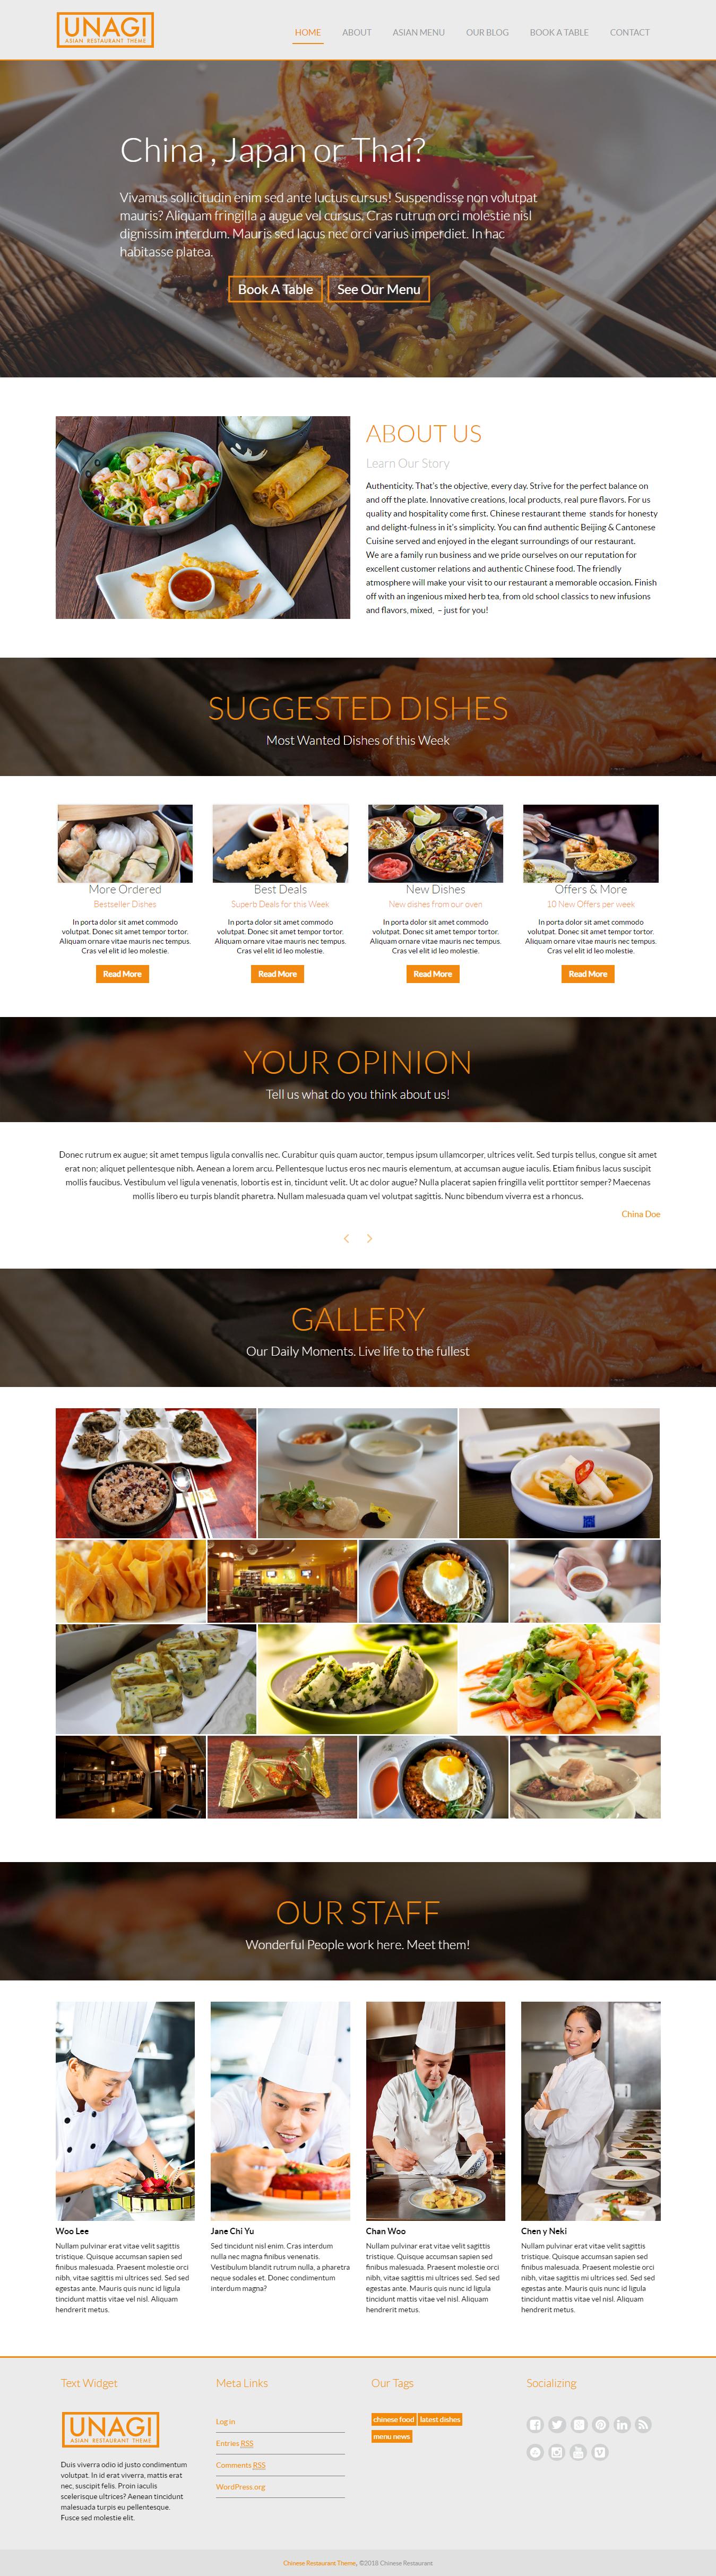 chinese restaurant lite best free bar pub wordpress theme - 10+ Best Free Bar and Pub WordPress Themes